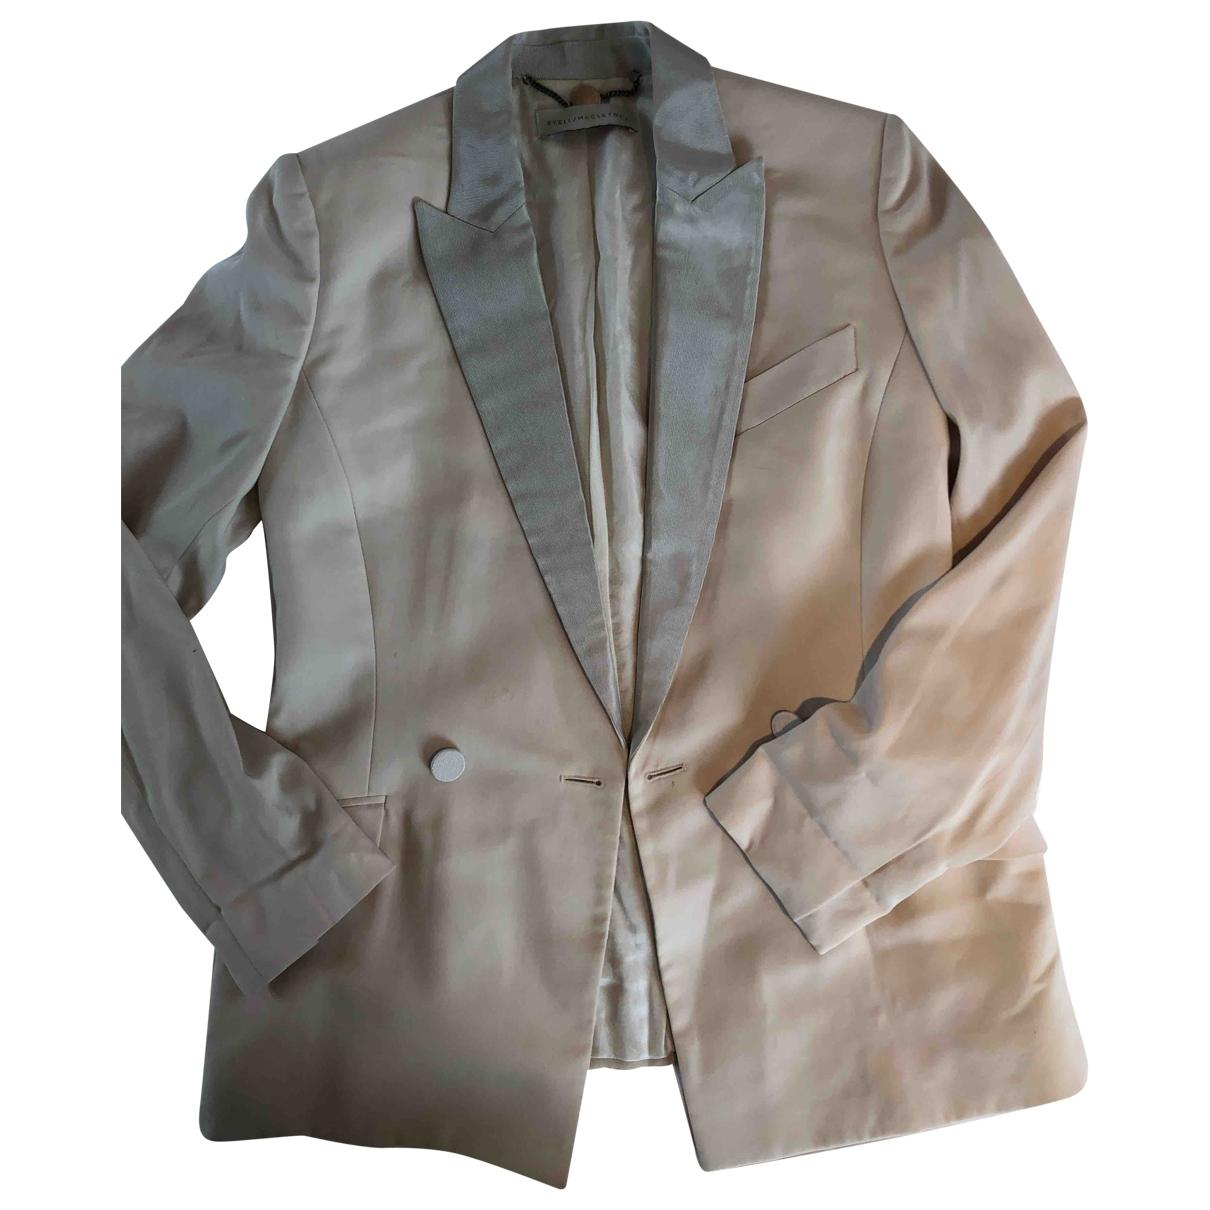 Stella Mccartney \N Beige jacket for Women 44 IT